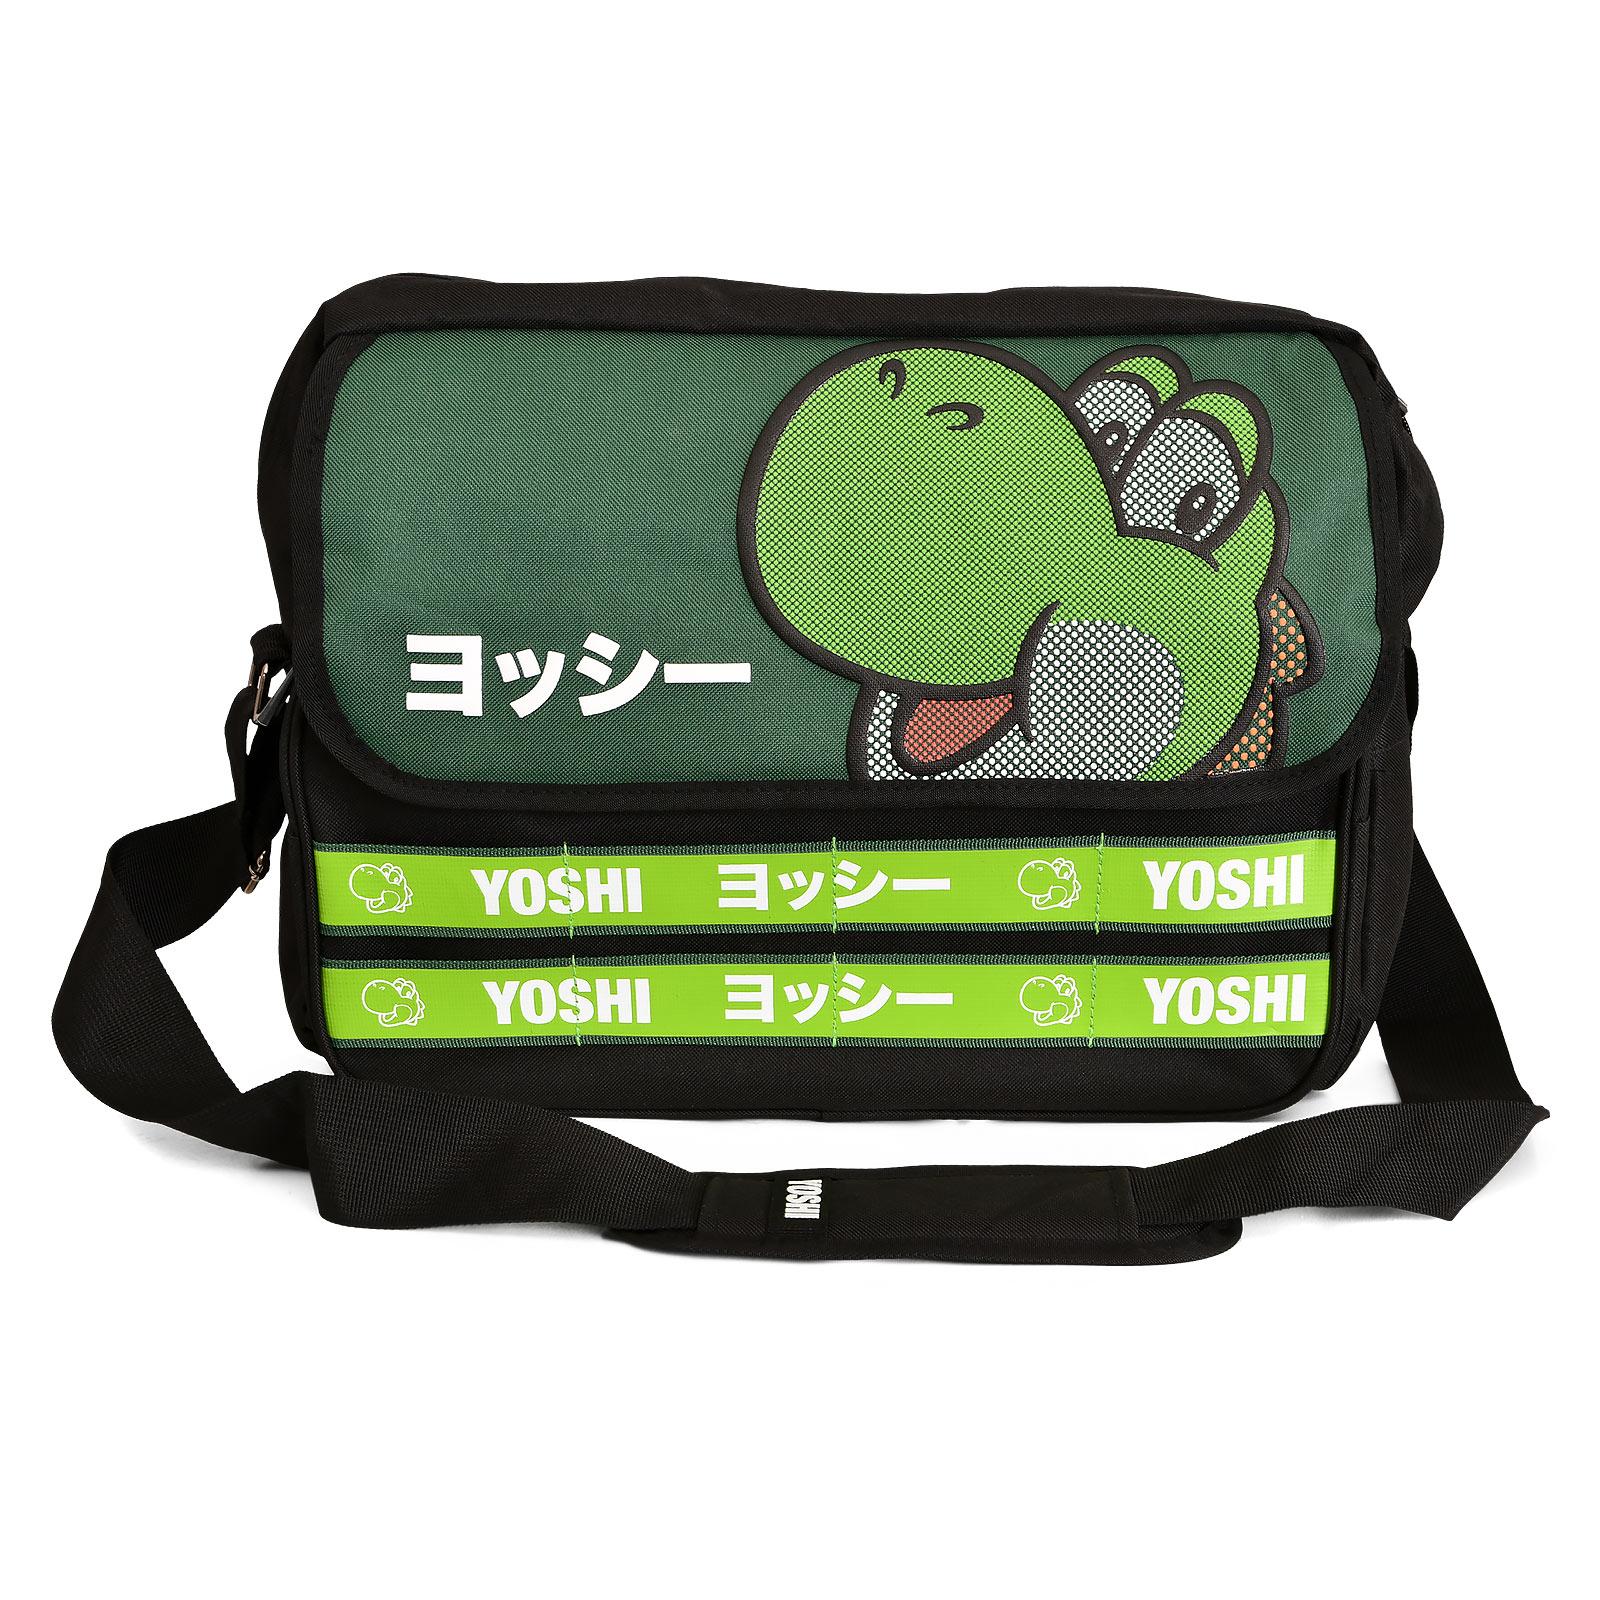 Super Mario - Yoshi Tasche